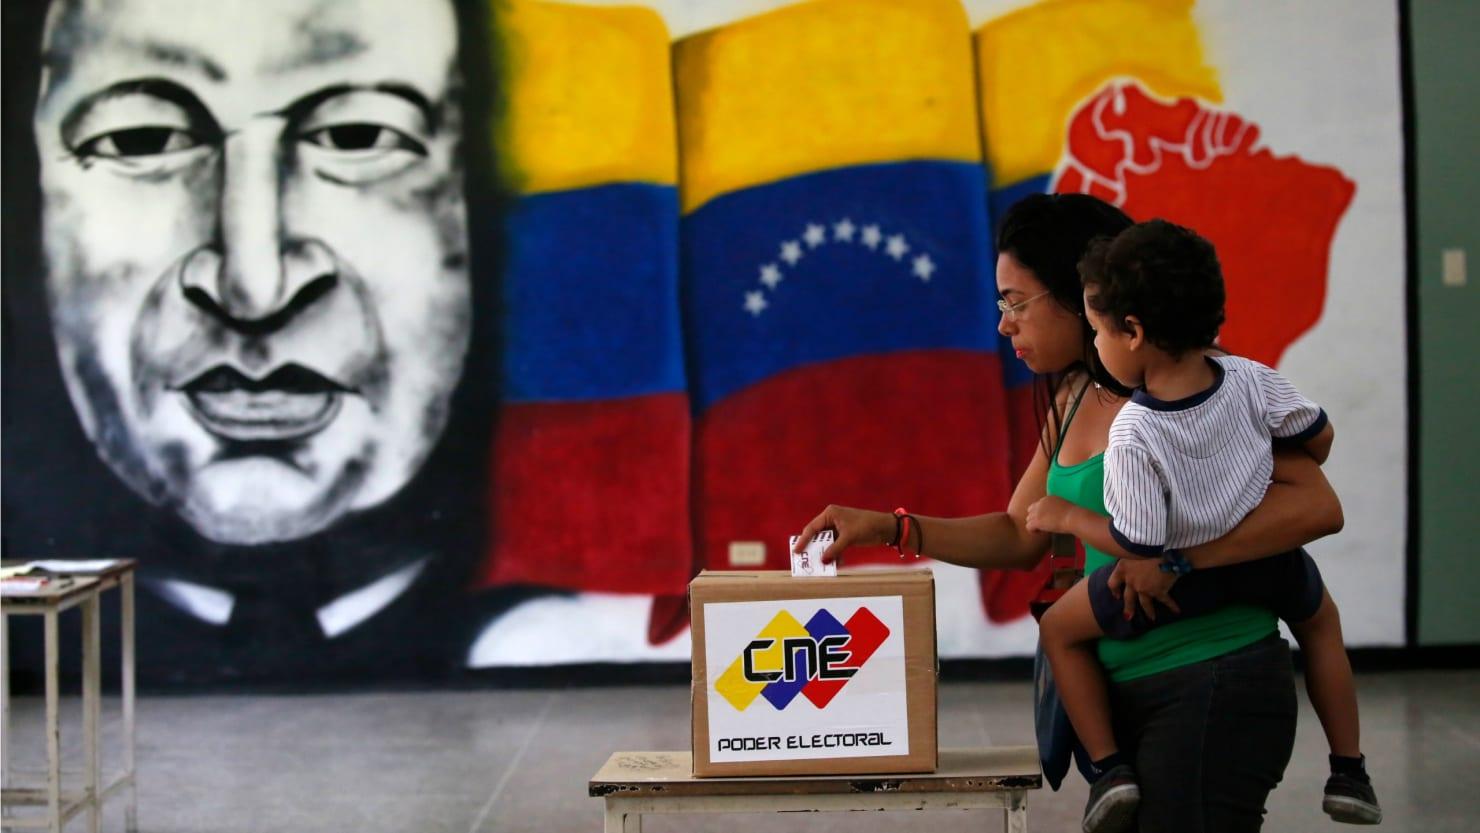 Venezuuelan officals killed as voting begins